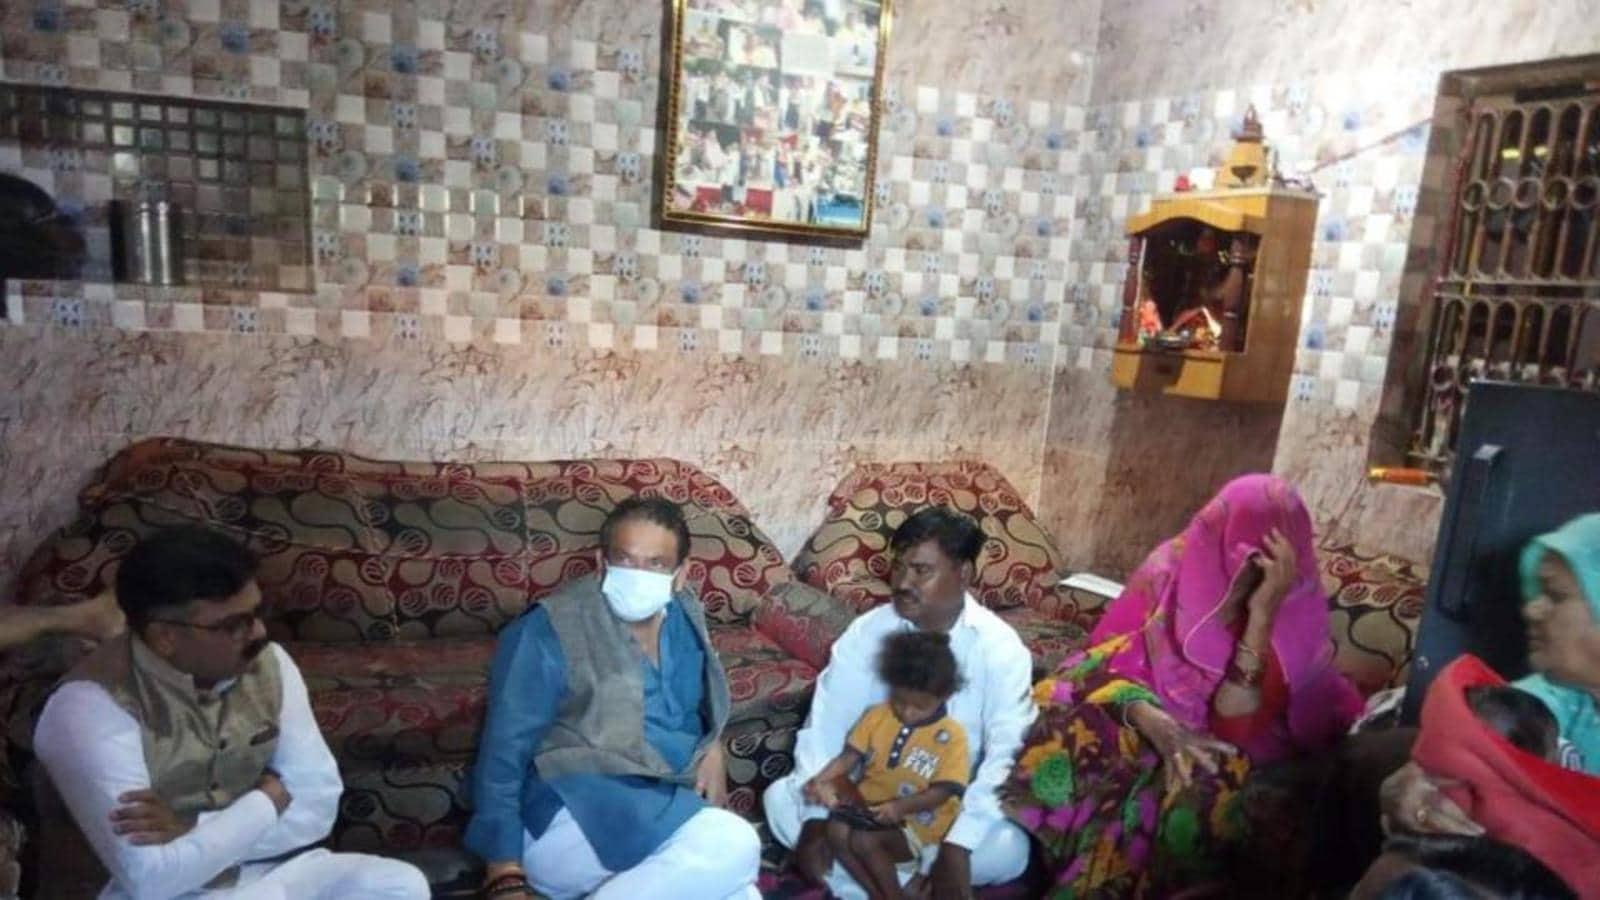 Agra sanitation worker case: Probe transferred to Aligarh range police